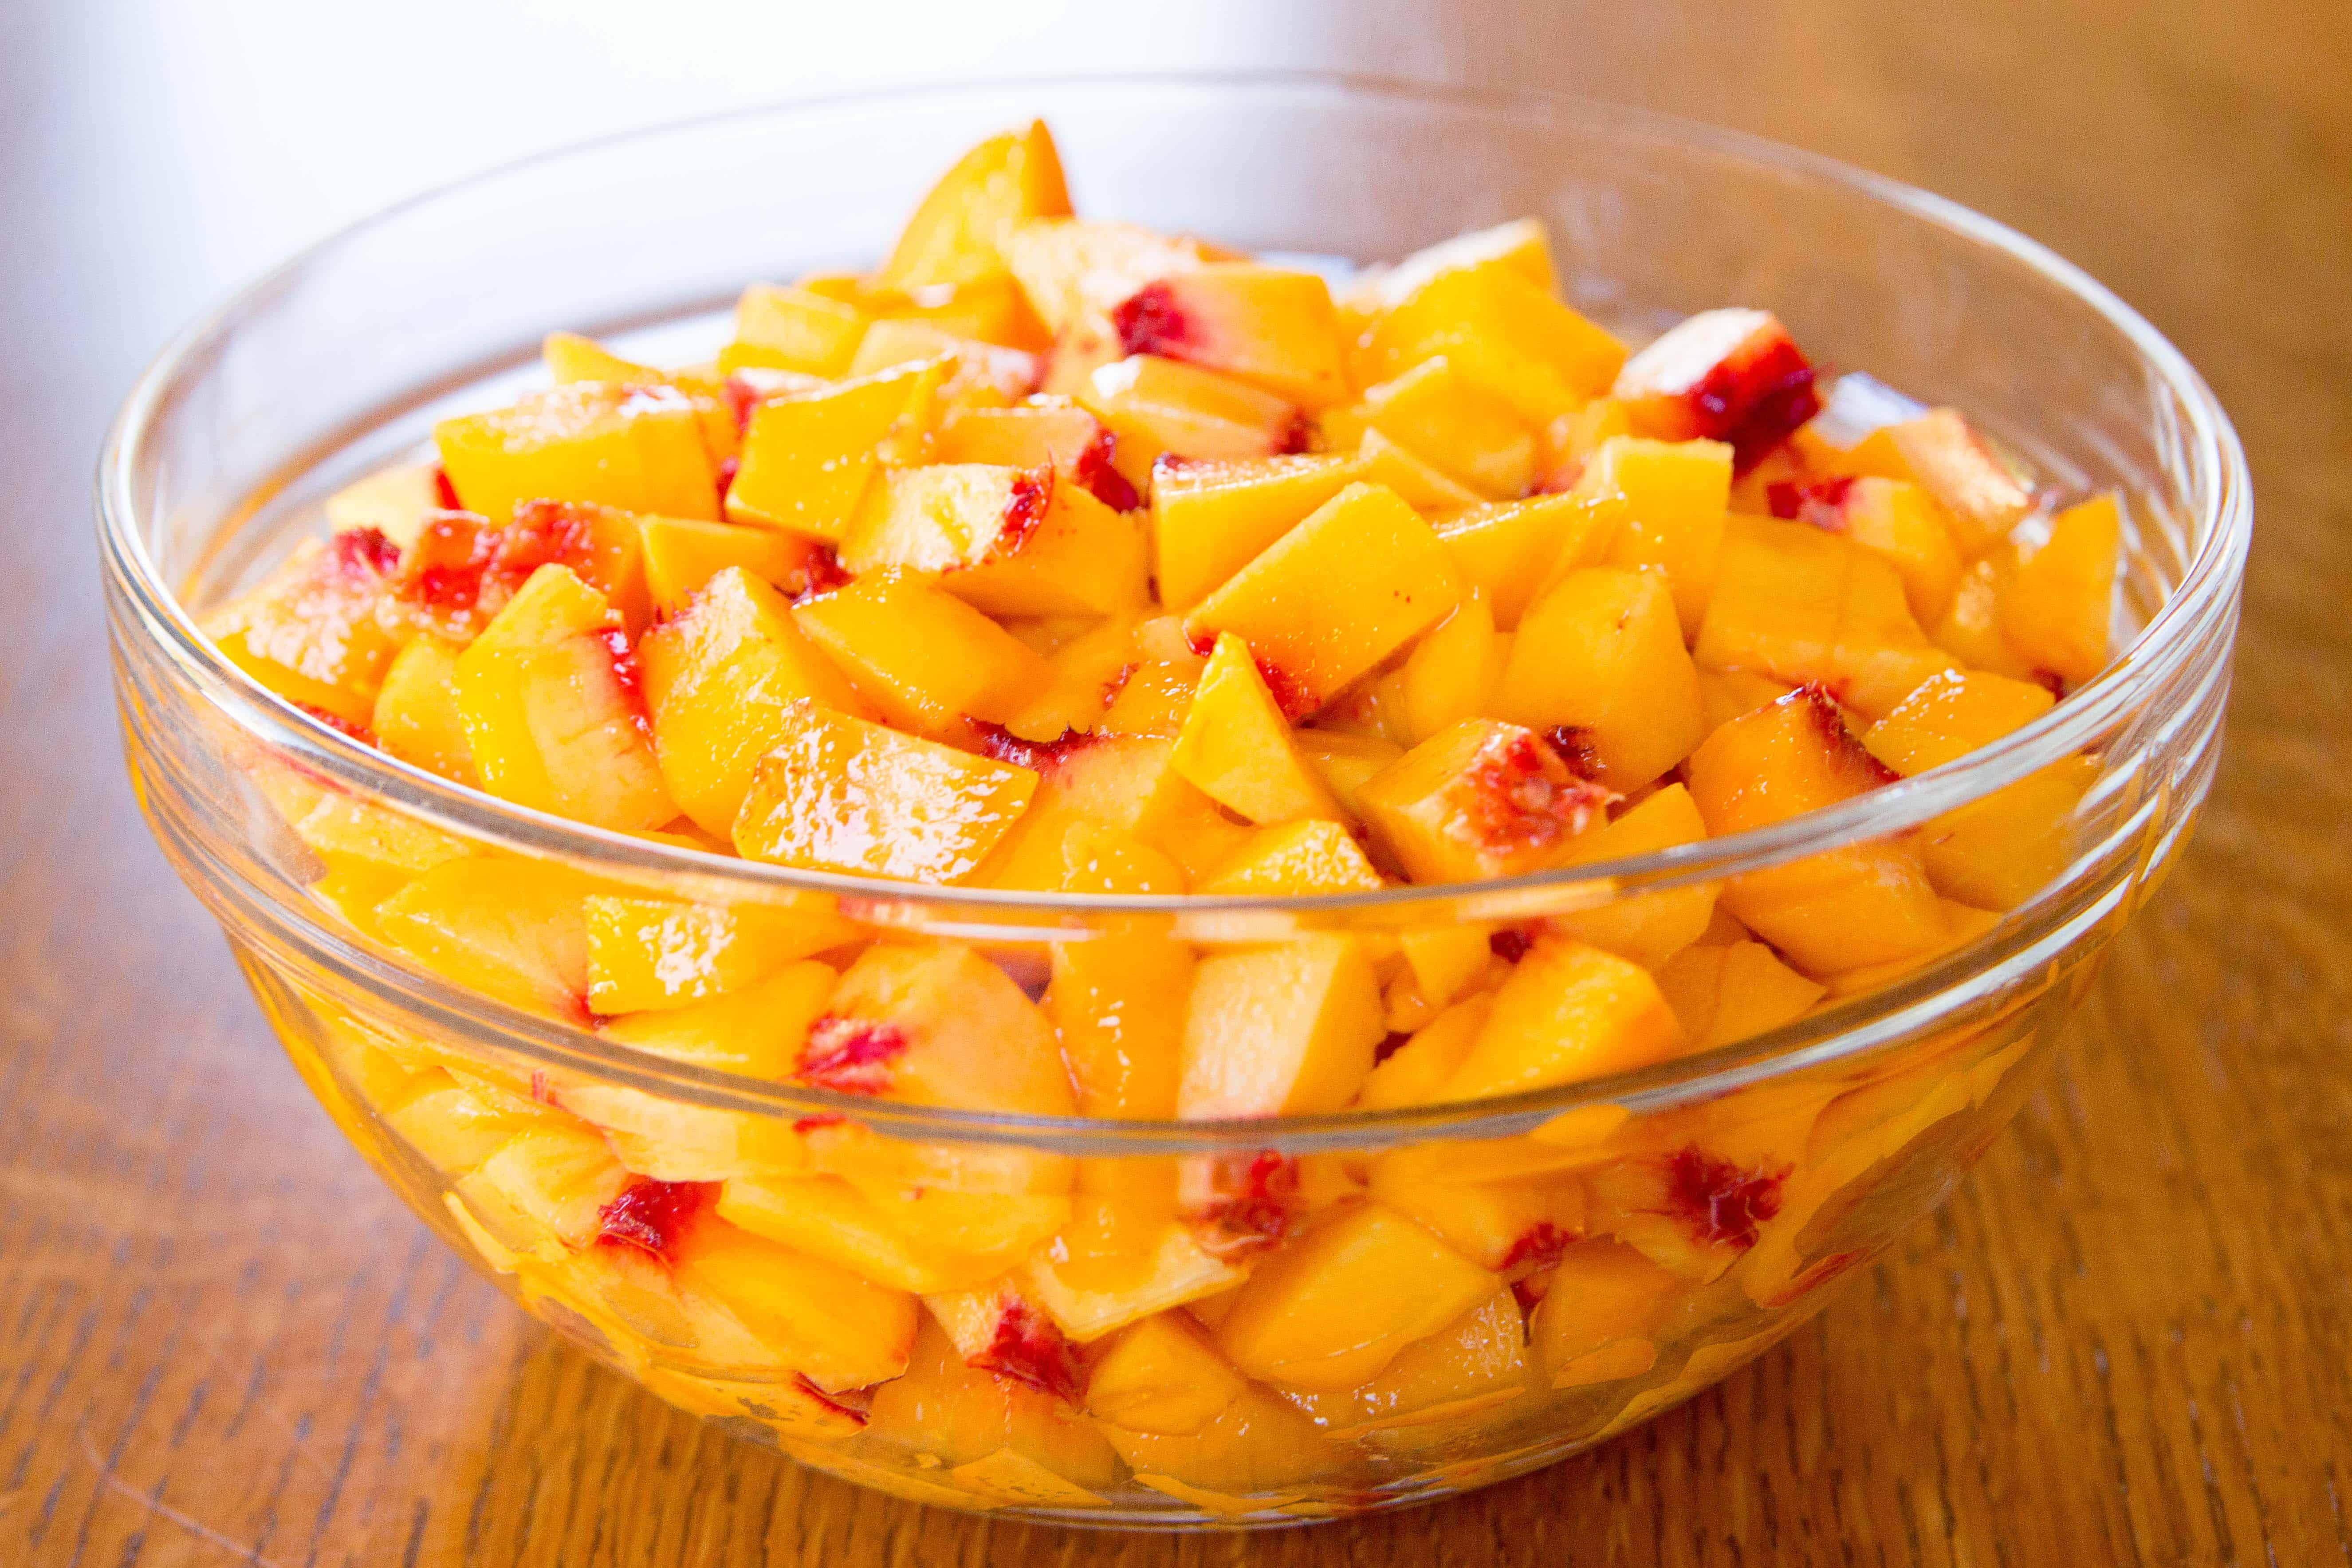 ff-peaches-and-cream-8155